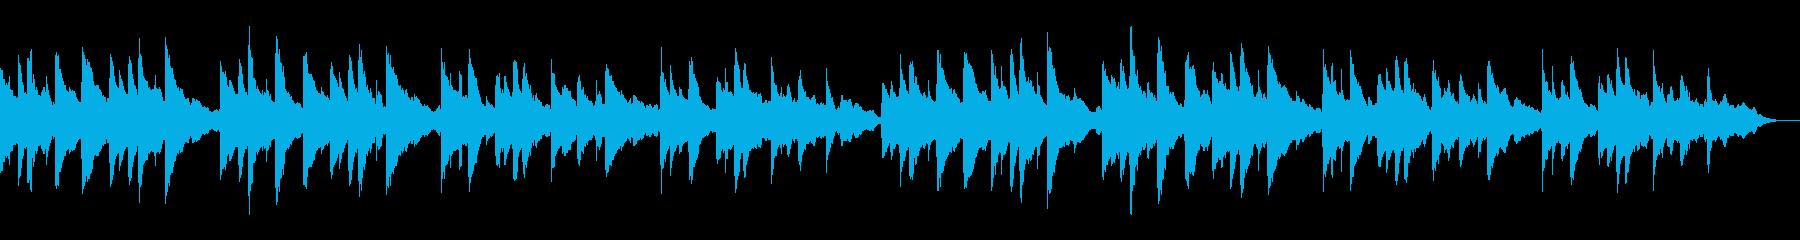 悲しく重い深刻なシーンに合う低音ピアノの再生済みの波形